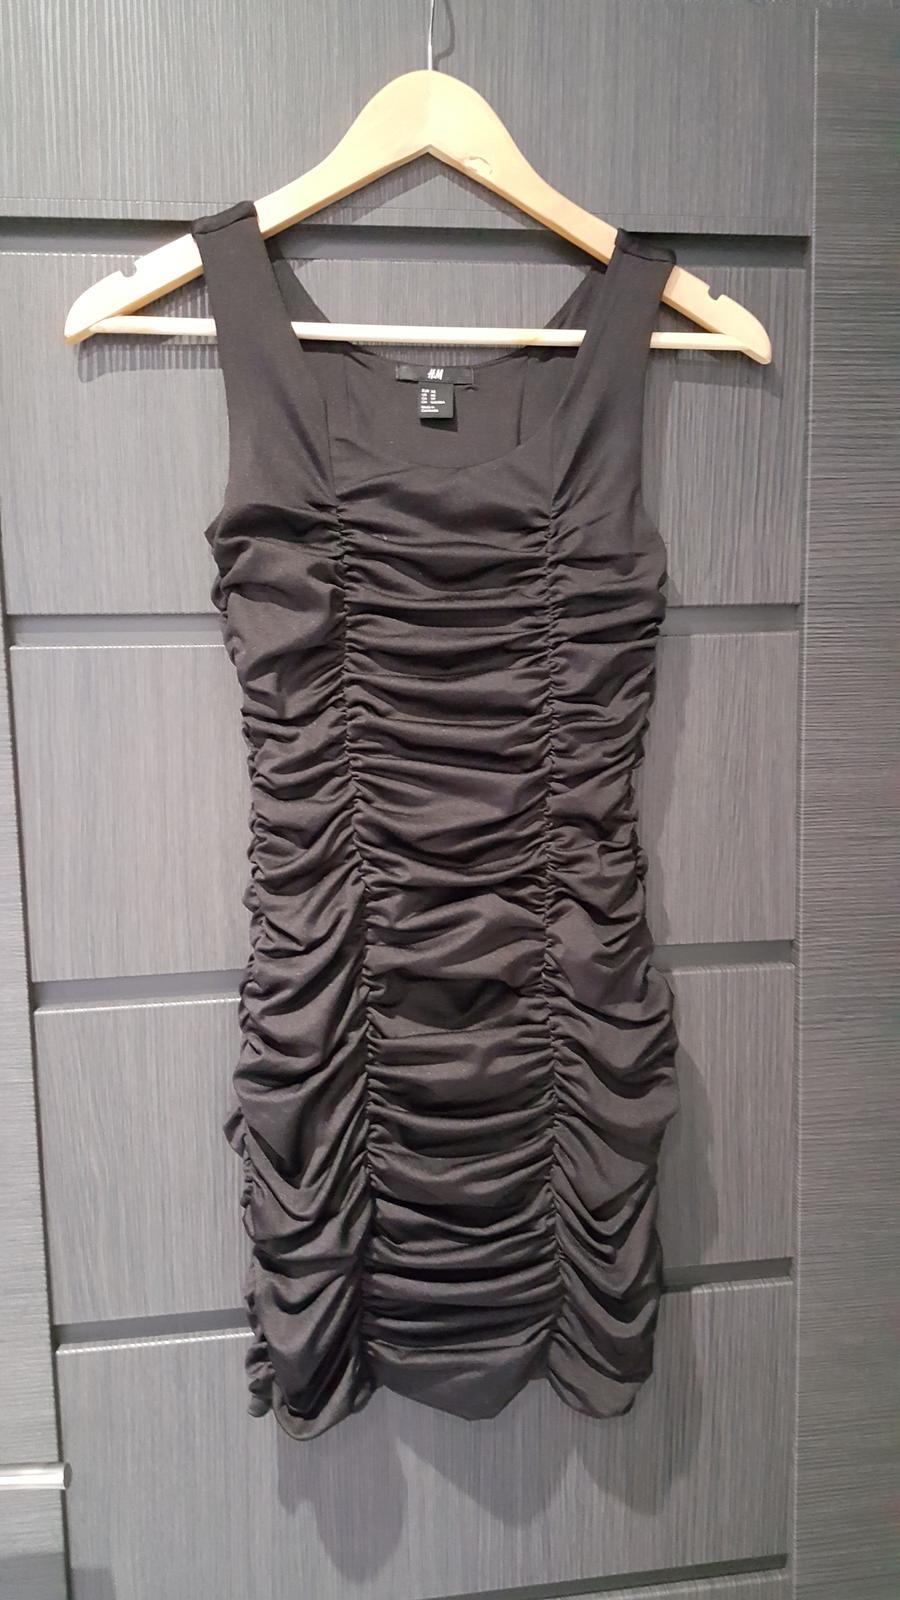 Dámske spoločenské šaty značky HM  - Obrázok č. 1